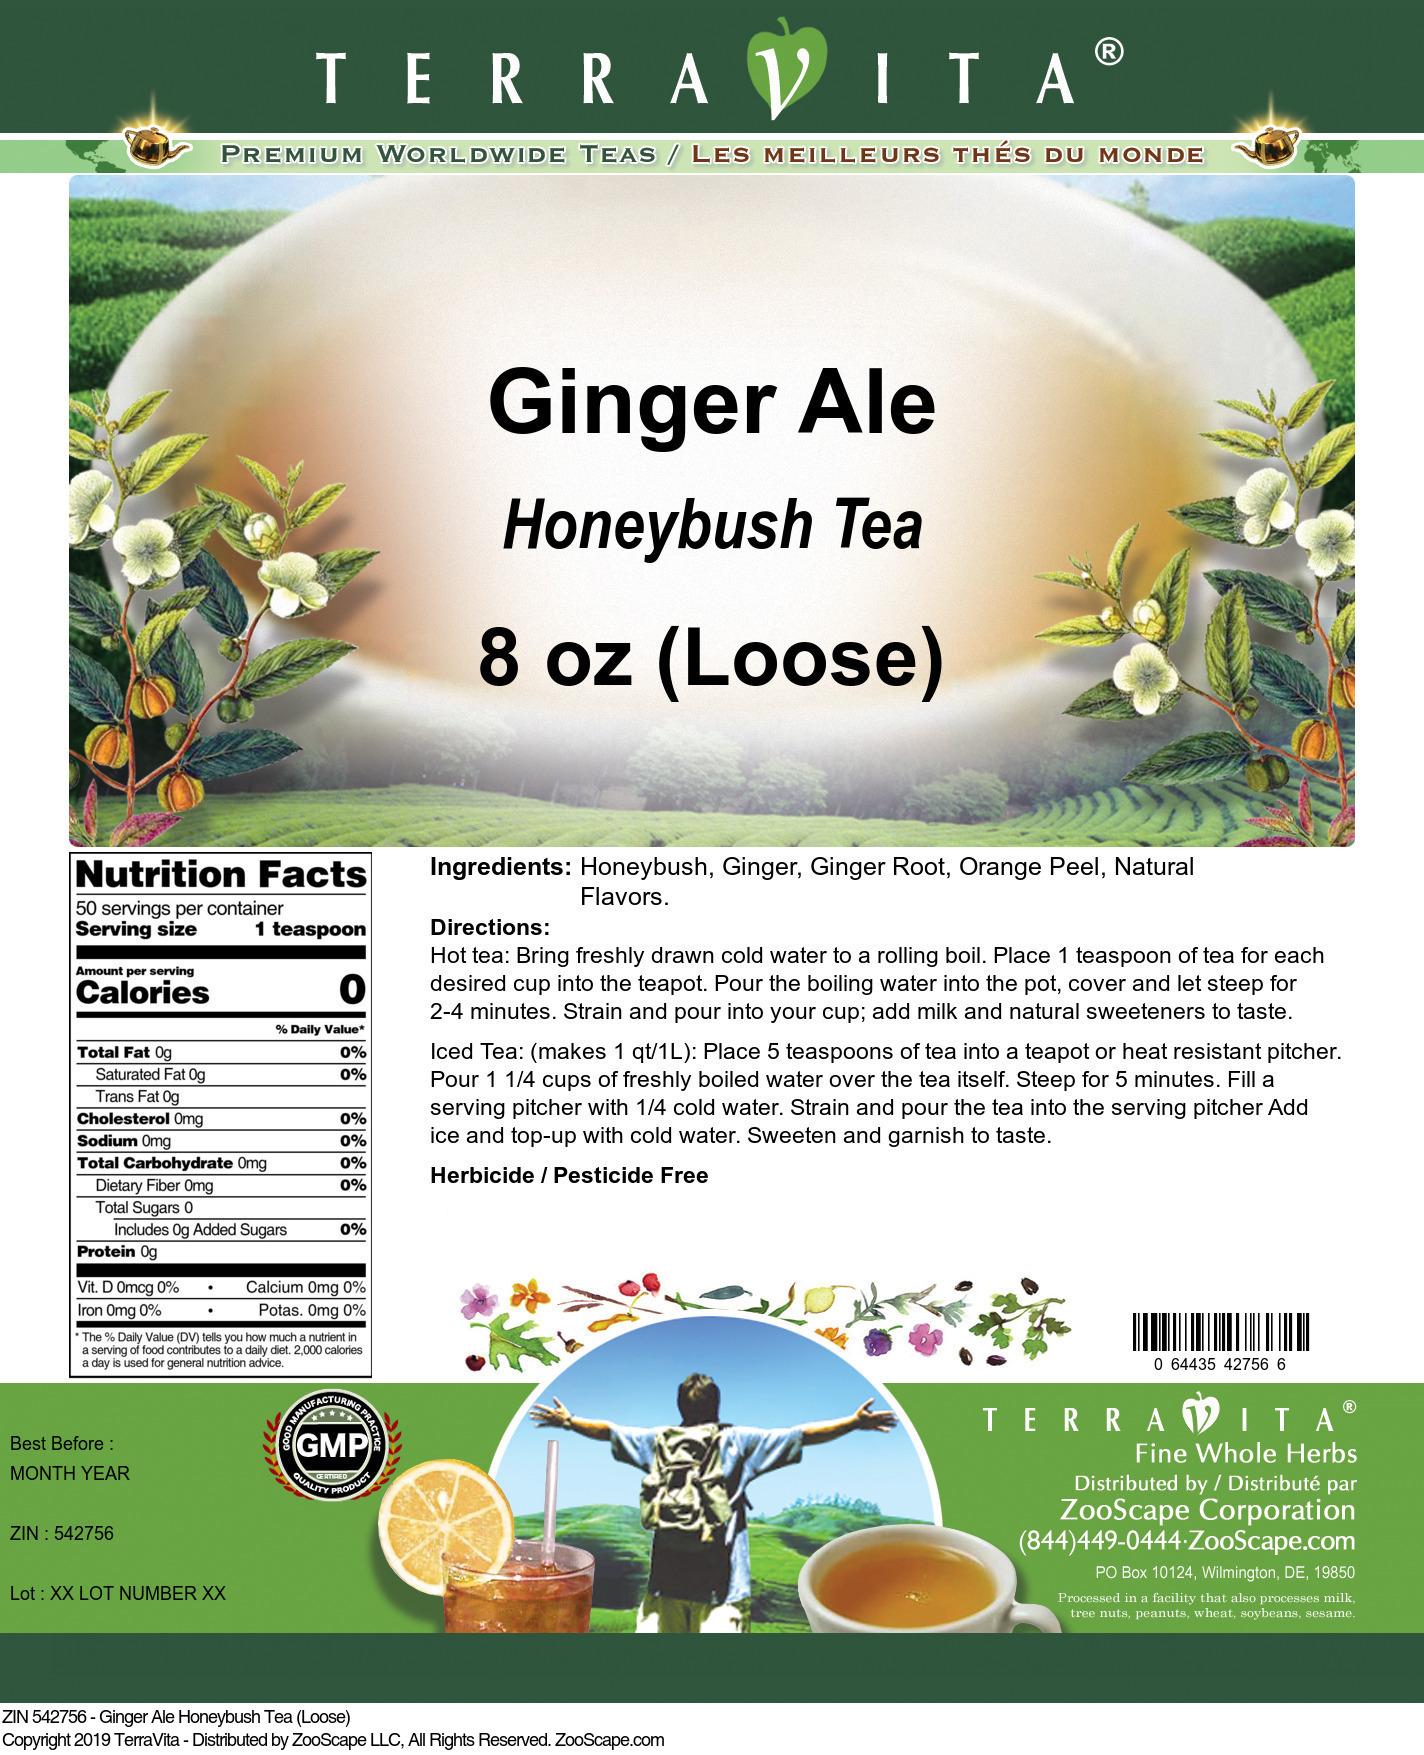 Ginger Ale Honeybush Tea (Loose)